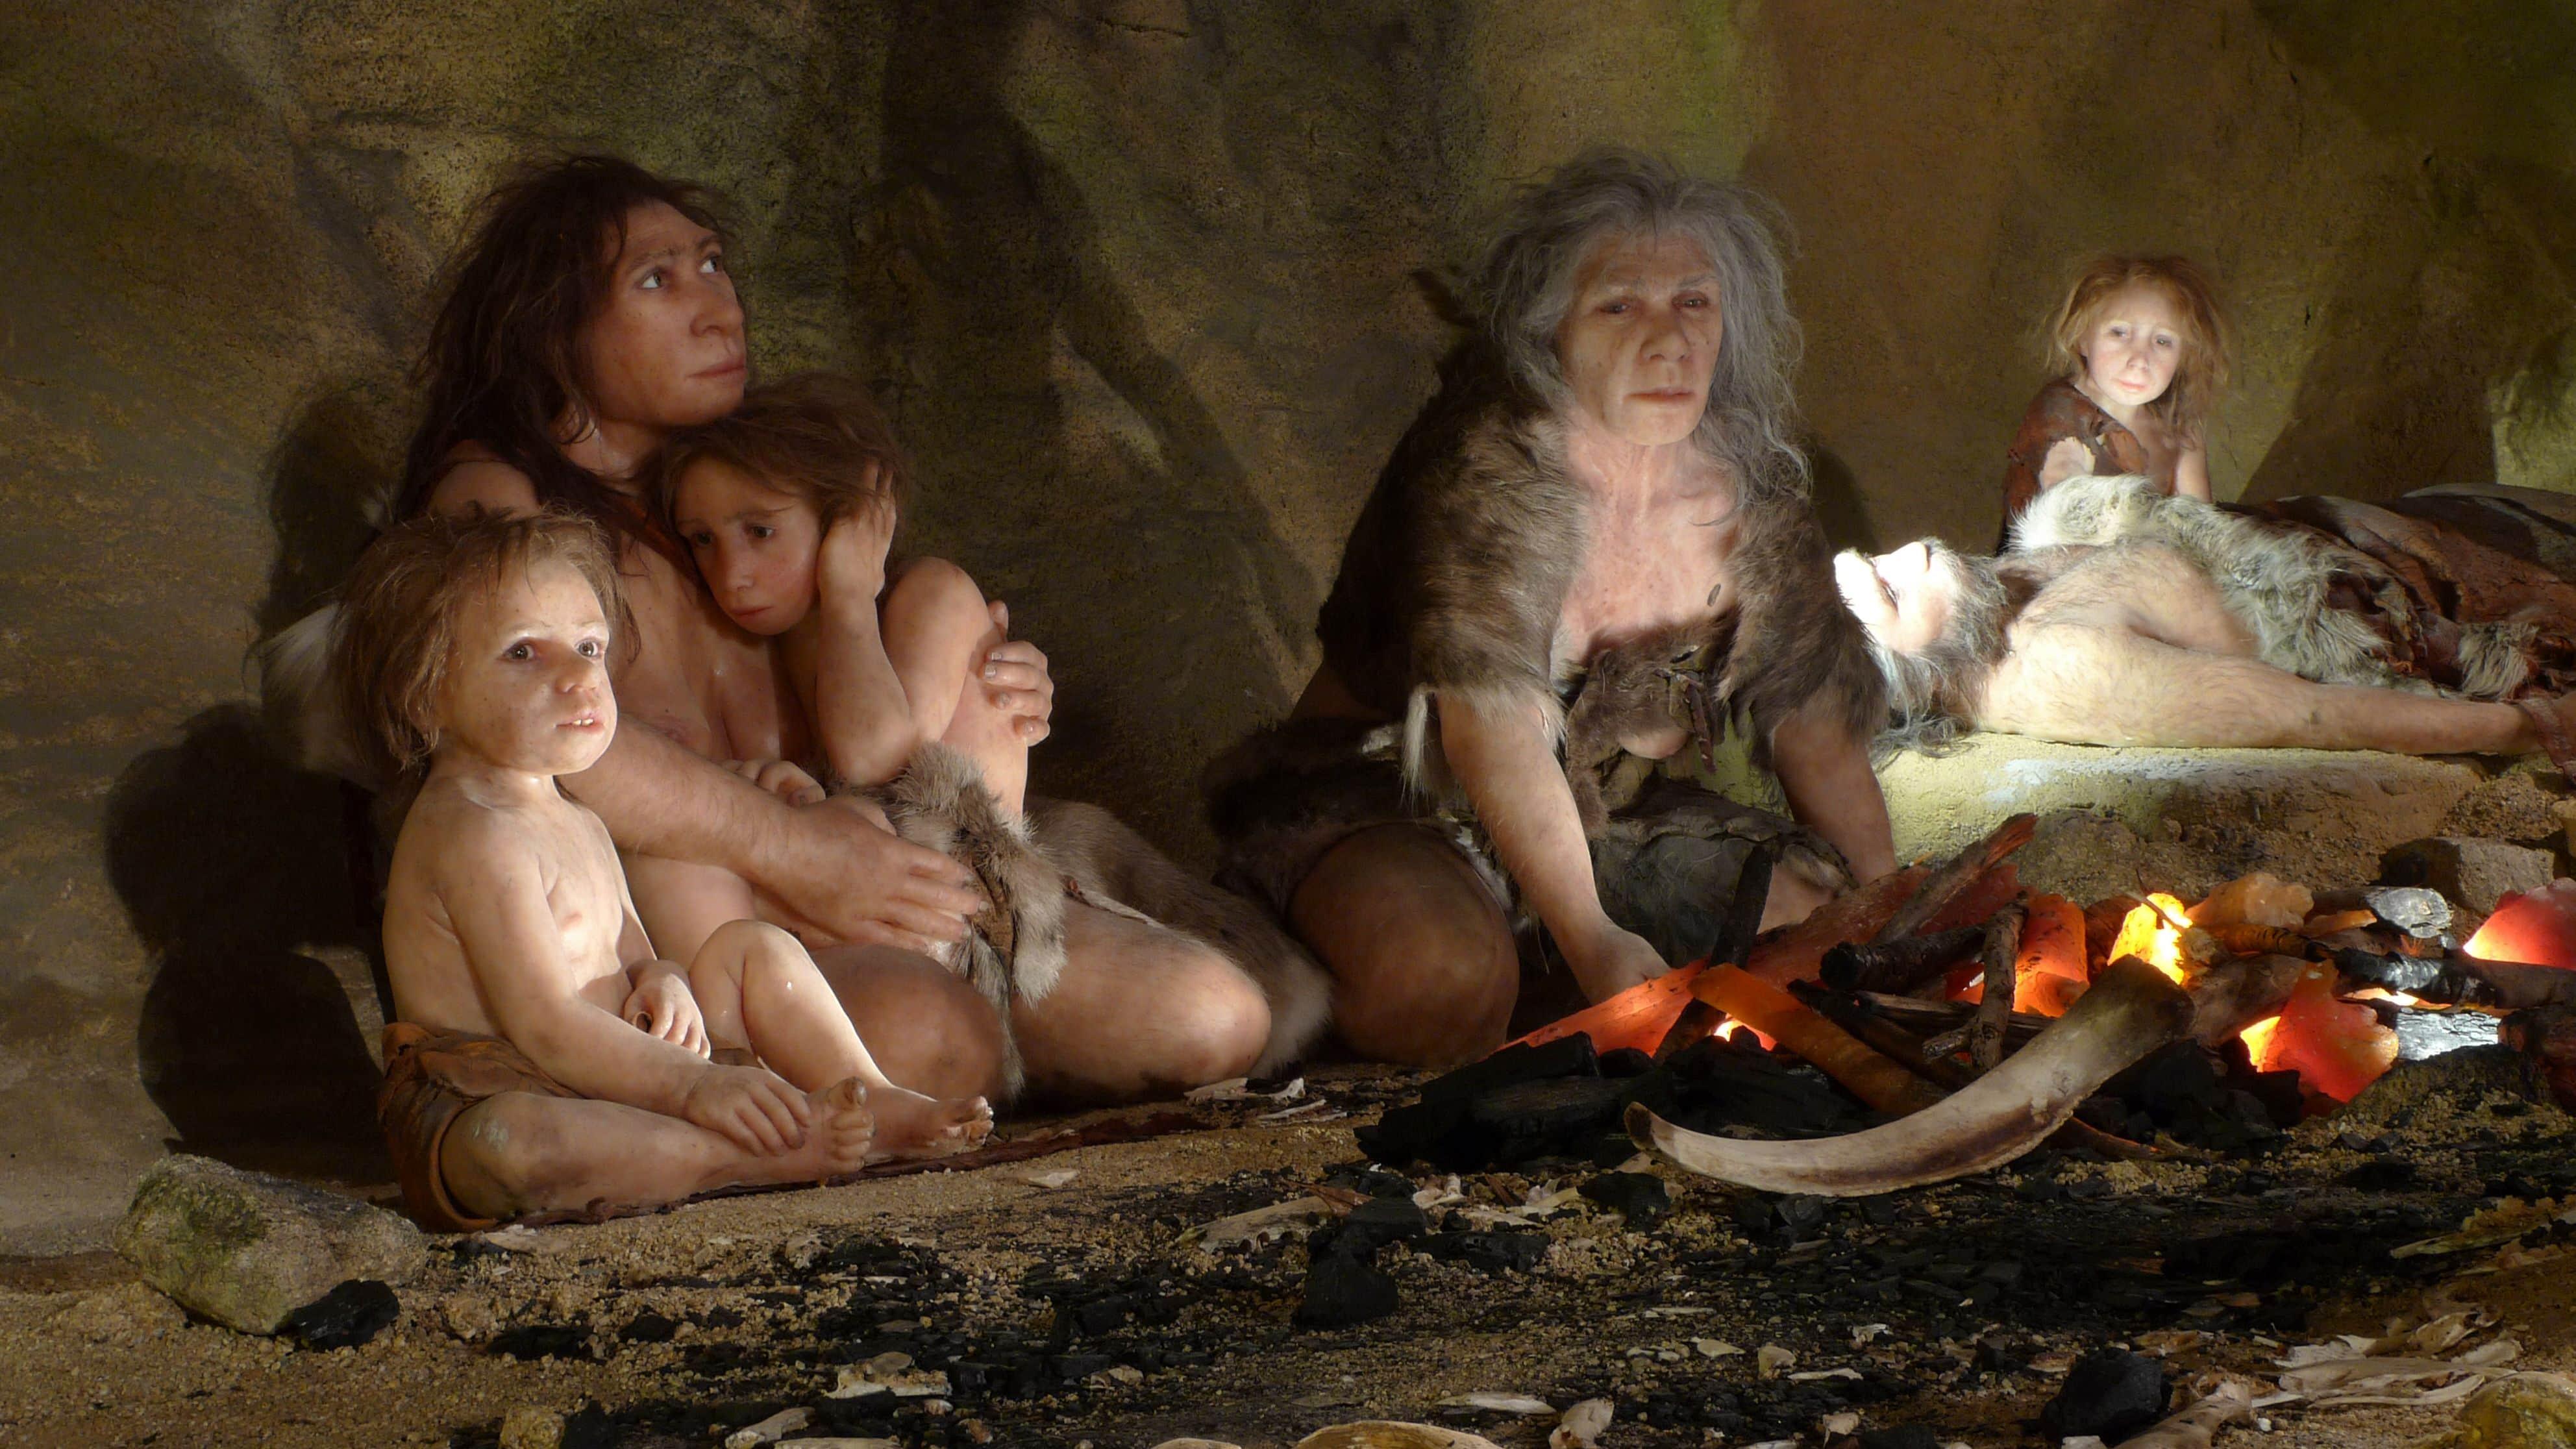 Cave parents